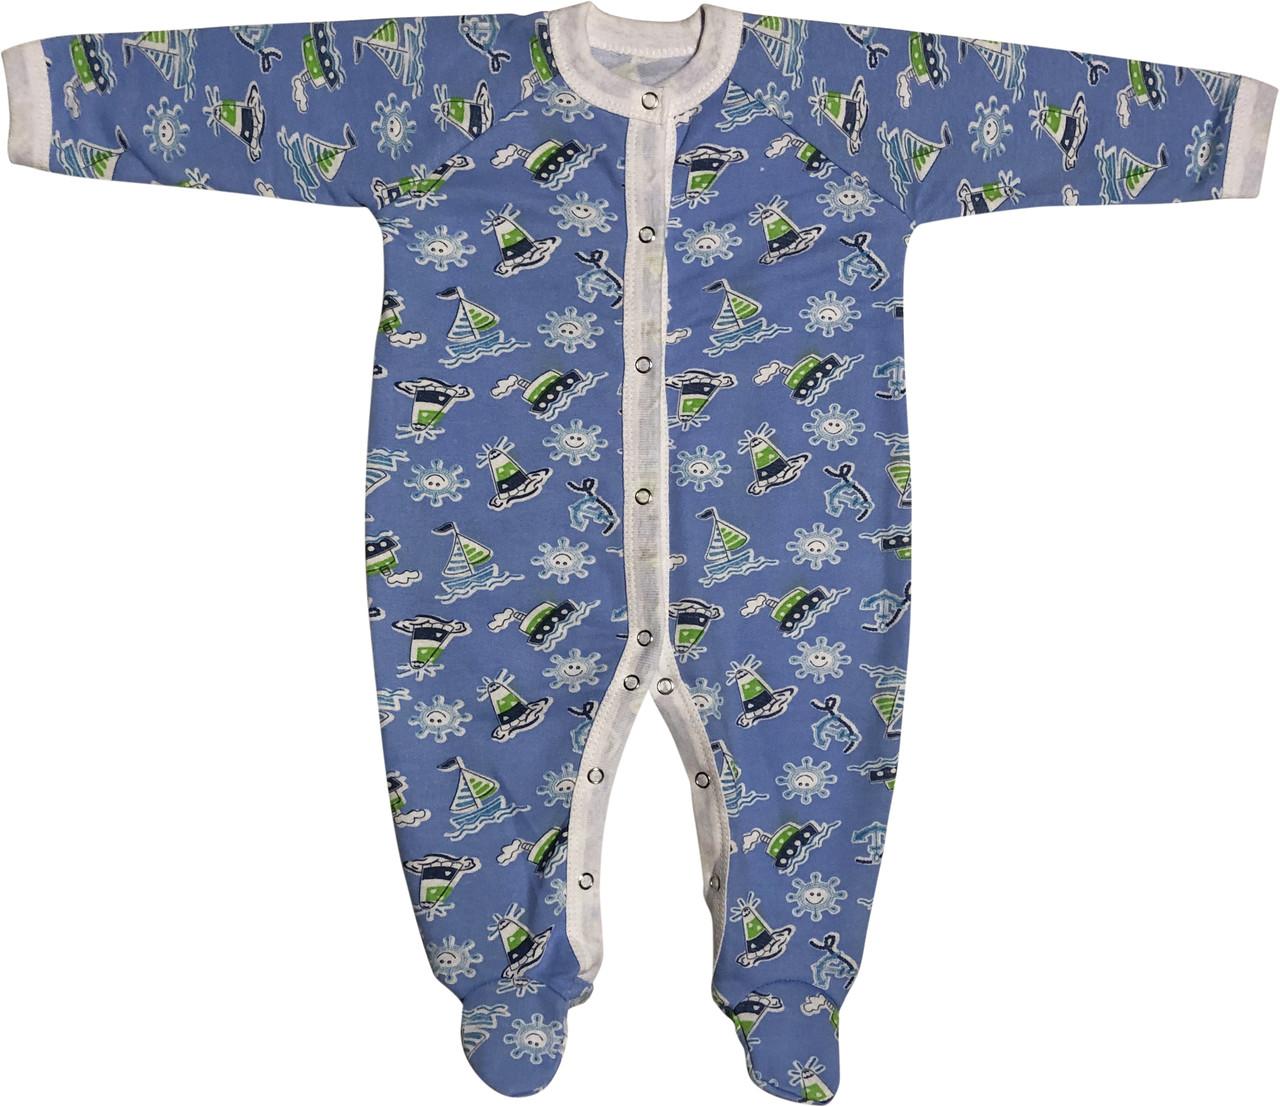 Тёплый человечек слип с начёсом на мальчика рост 86 9-12 мес для новорожденных хлопковый футер детский голубой